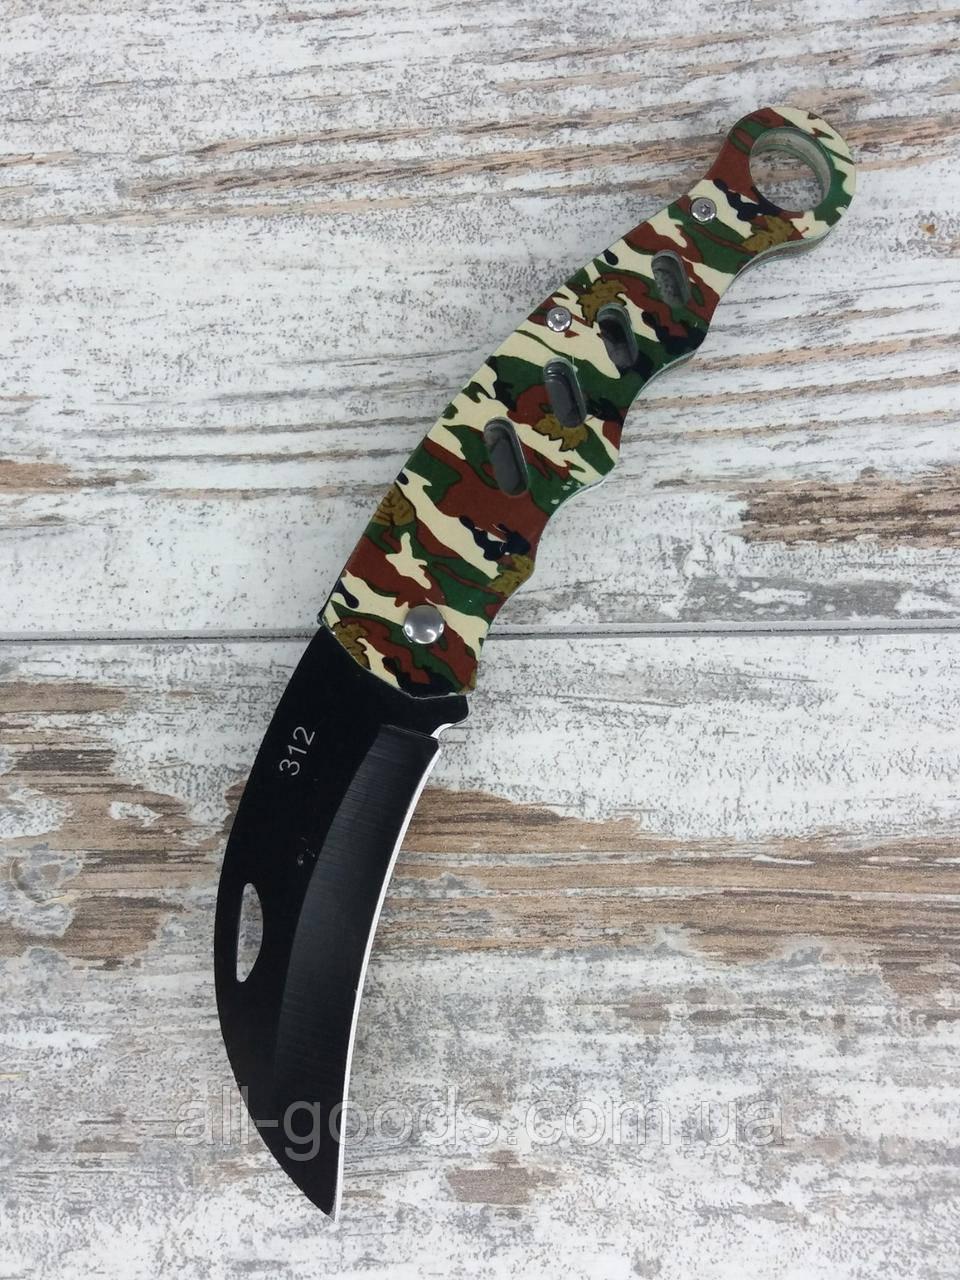 НІЖ СКЛАДАНИЙ 312 18 СМ / АК-172. Універсальний викидний ніж для полювання, риболовлі та туризму.